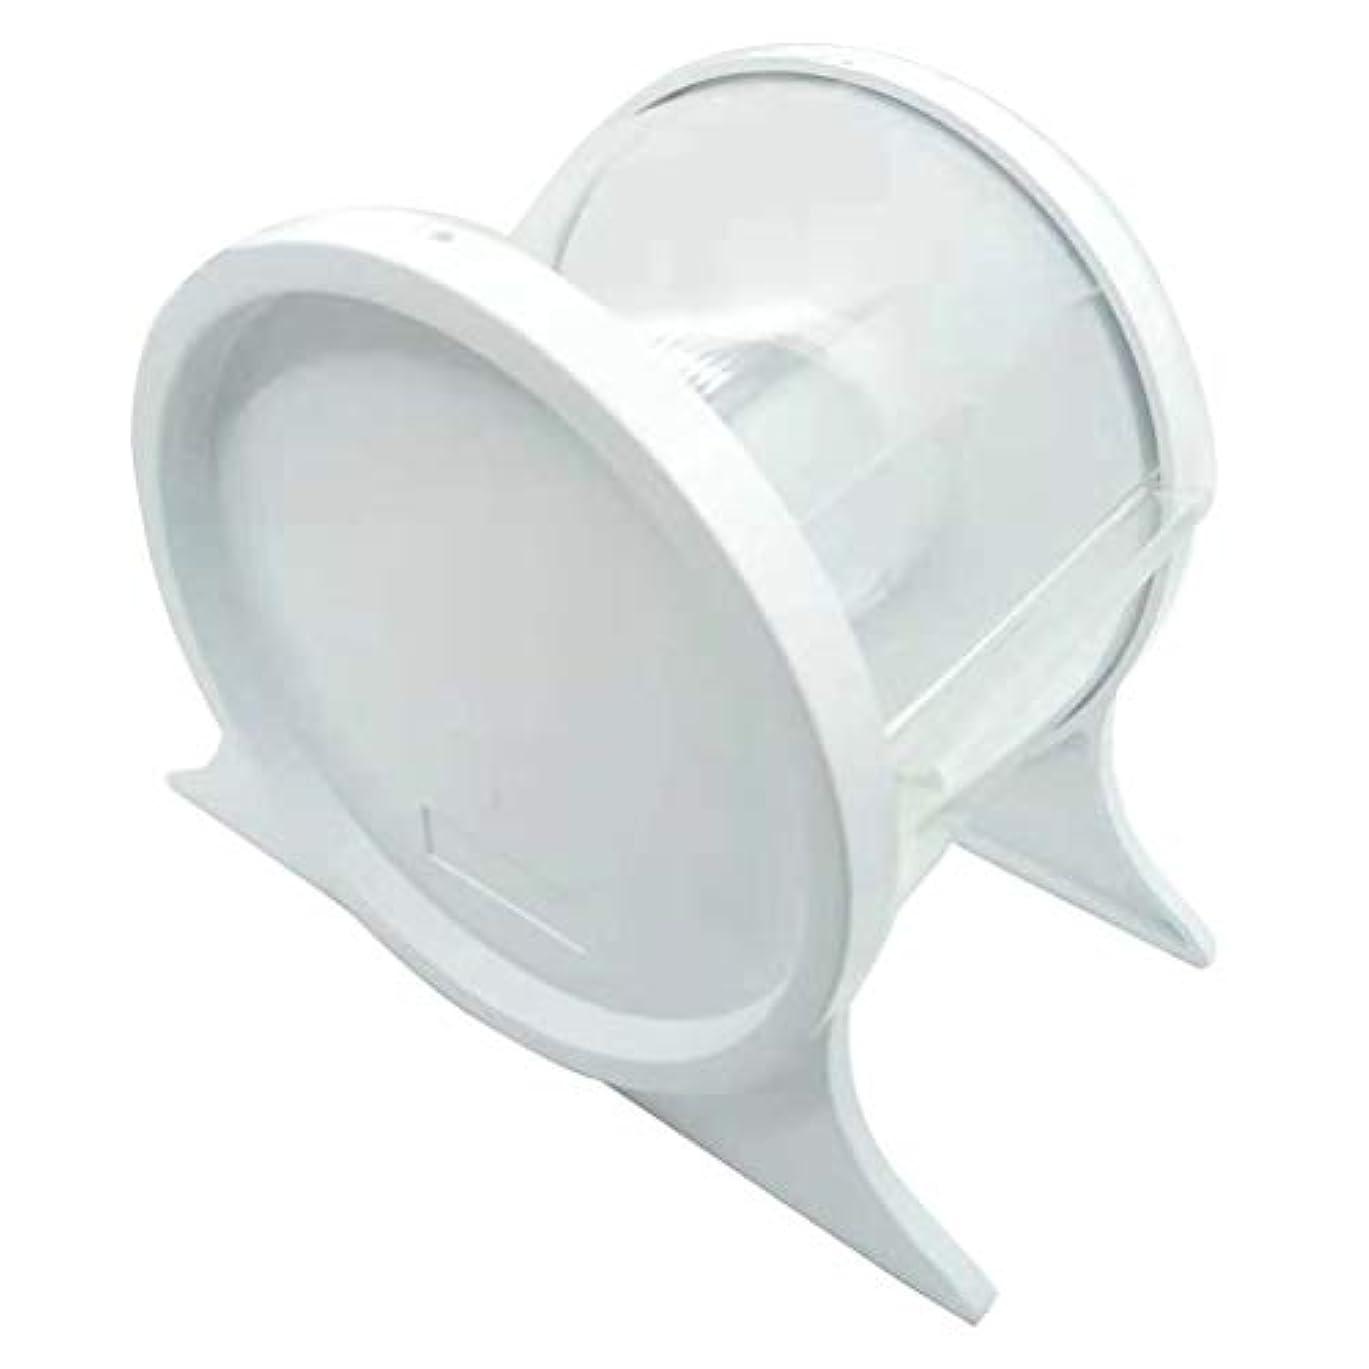 野な微弱聖書Healifty 1ピース使い捨て歯科バリアフィルムディスペンサー保護スタンドホルダーシェルフ歯科ツール(ホワイト)